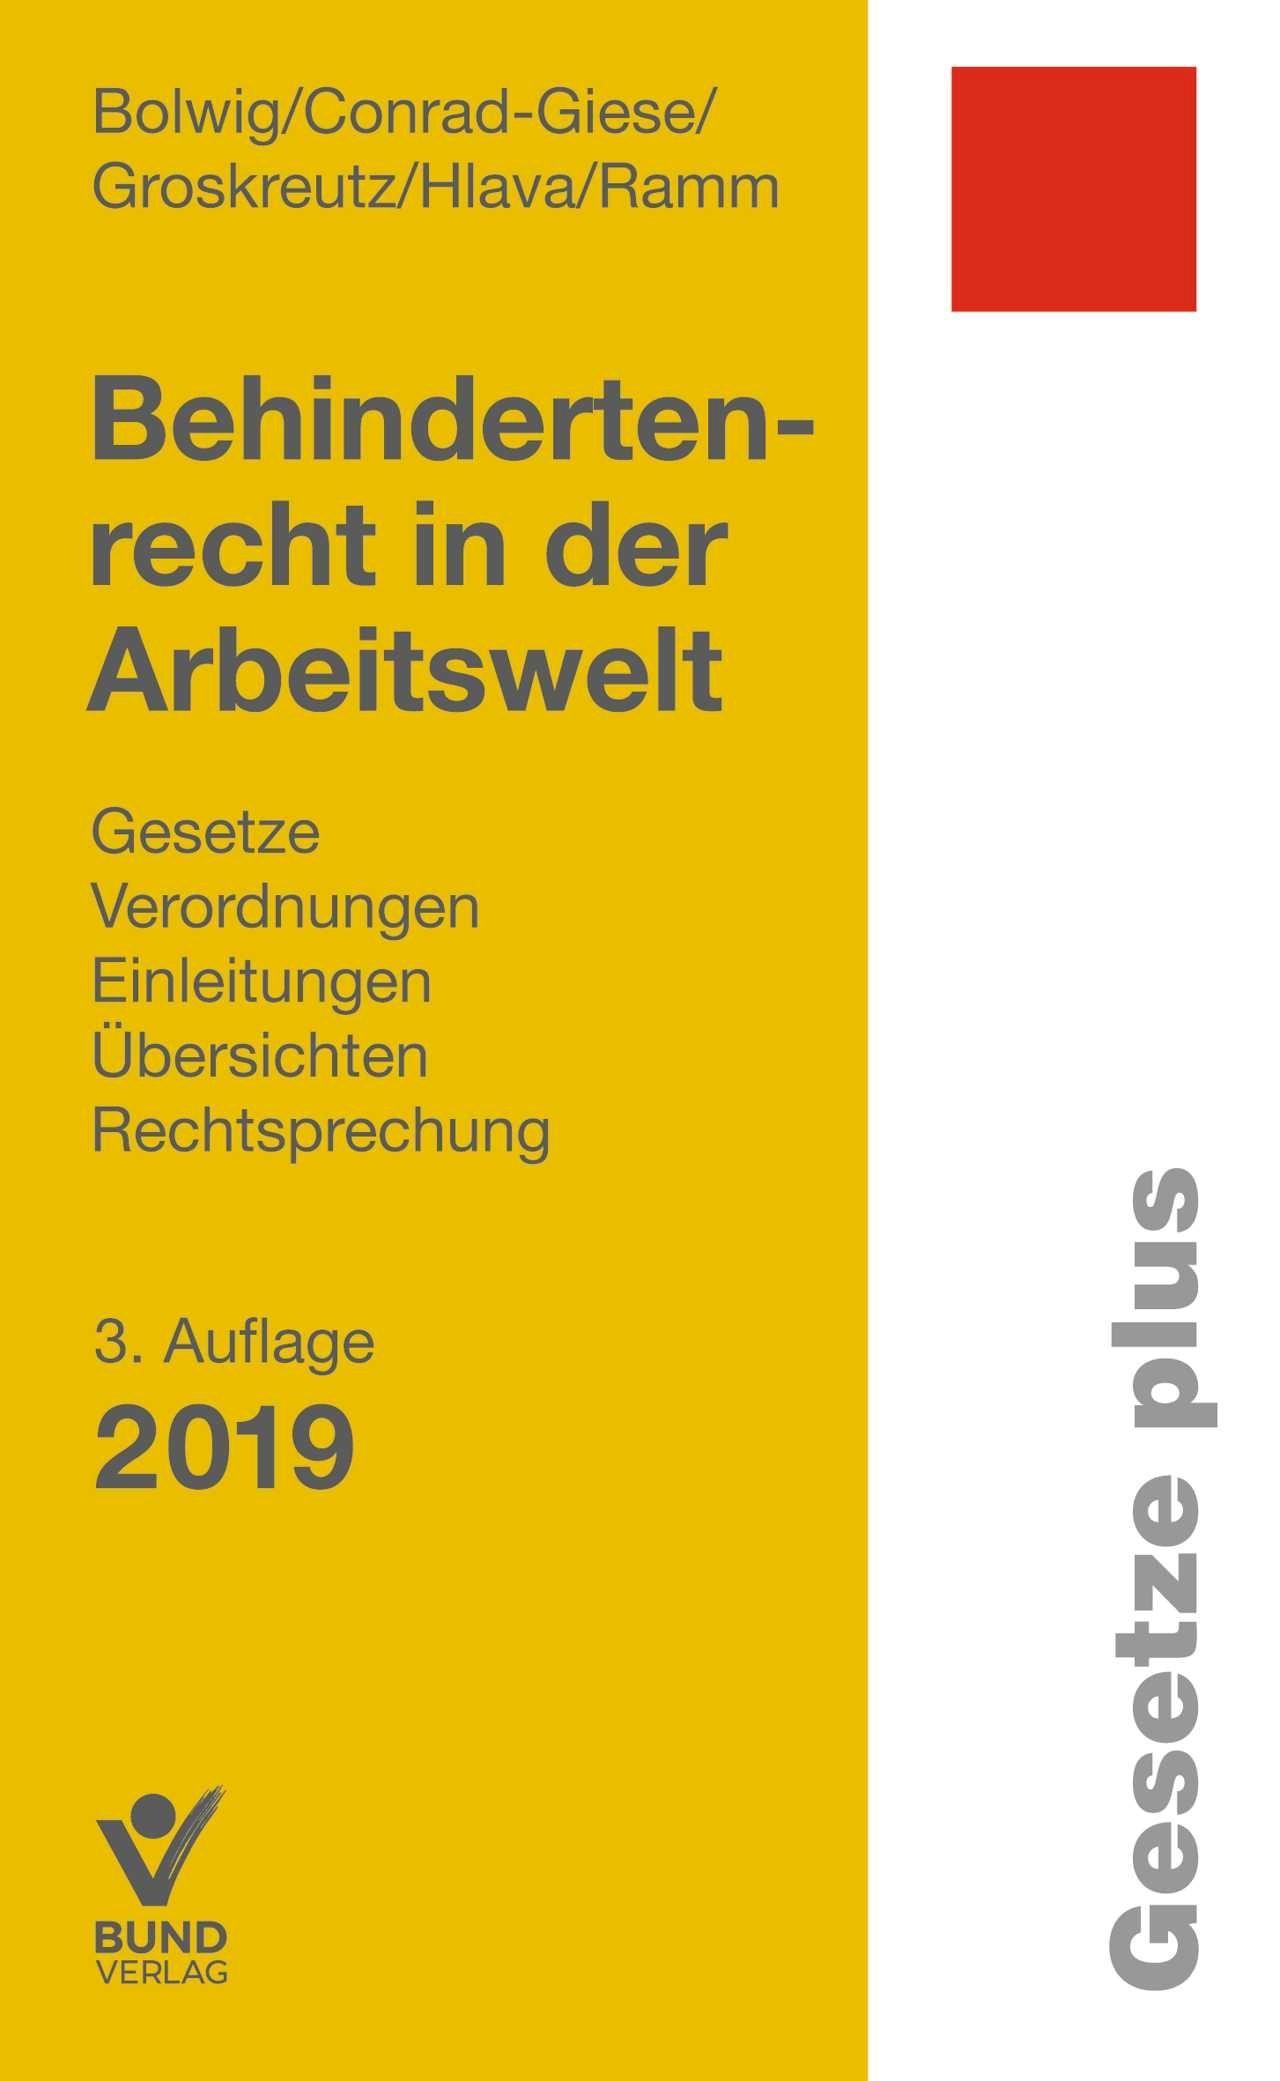 Behindertenrecht in der Arbeitswelt | Bolwig / Conrad-Giese / Groskreutz / Hlava / Ramm | 3., überarbeitete, aktualisierte Auflage, 2019 | Buch (Cover)